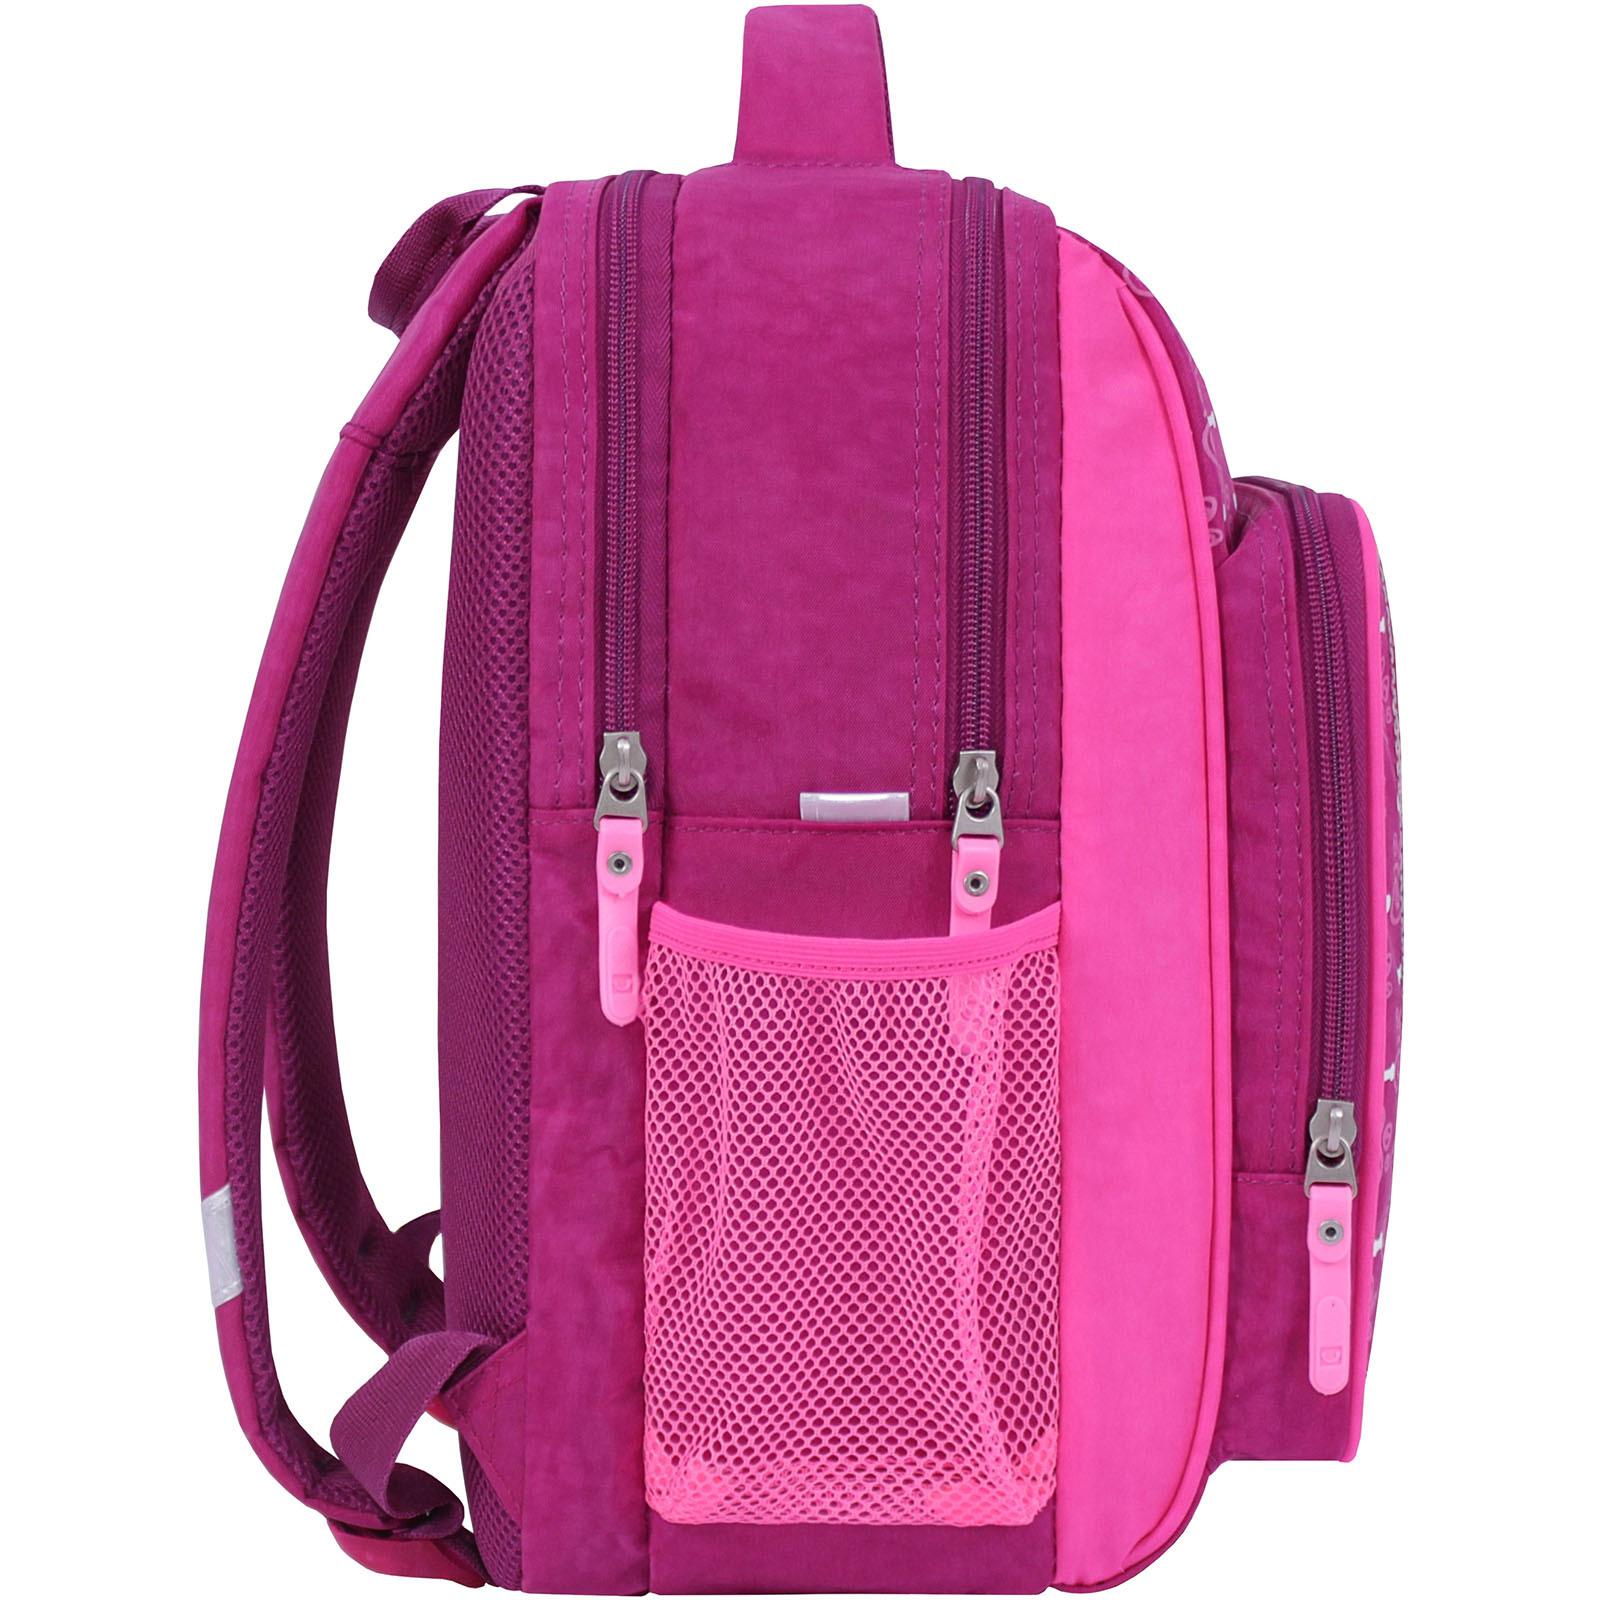 Рюкзак школьный Bagland Школьник 8 л. 143 малиновый 510 (0012870) фото 2